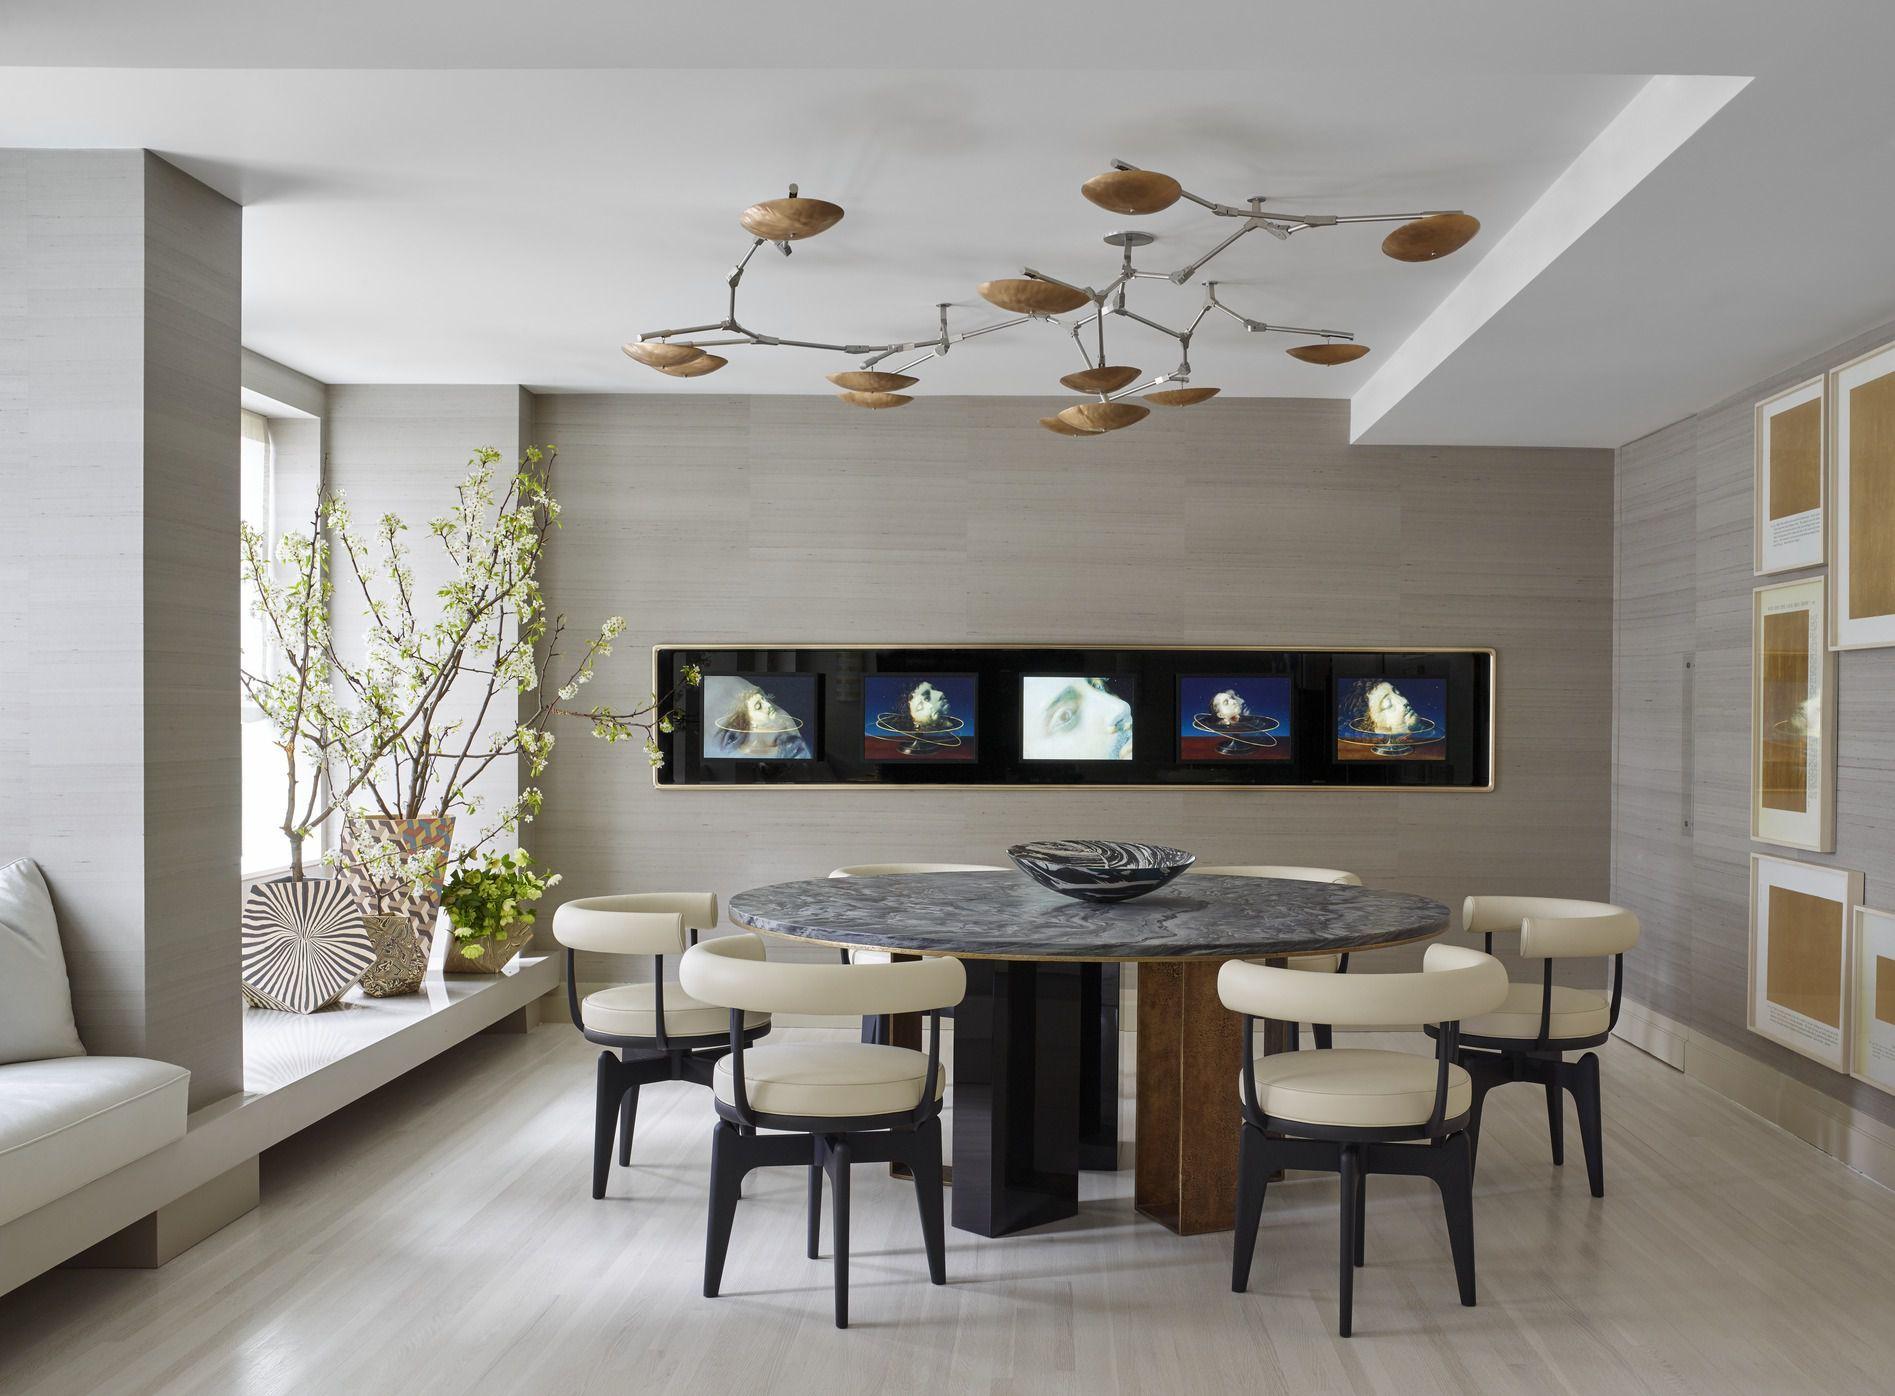 Gợi ý cách thiết kế phòng ăn đẹp chuẩn không gian sang trọng 03